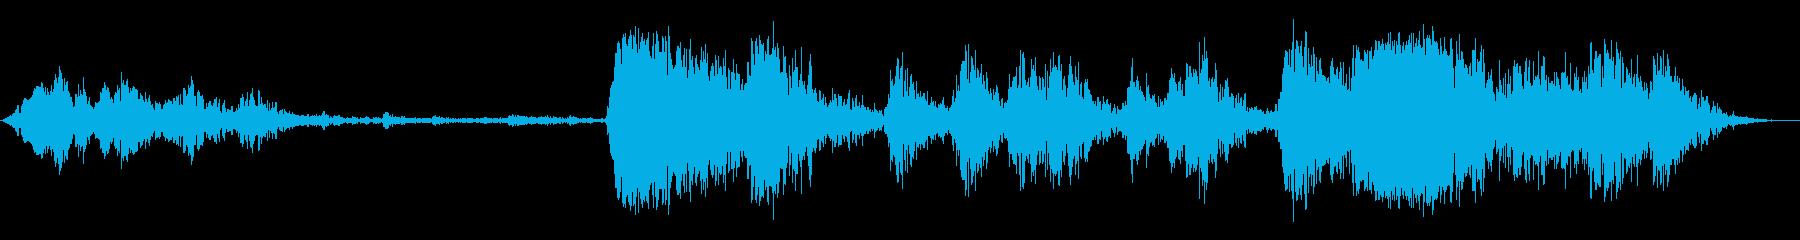 低拡散金属ガラガラの再生済みの波形